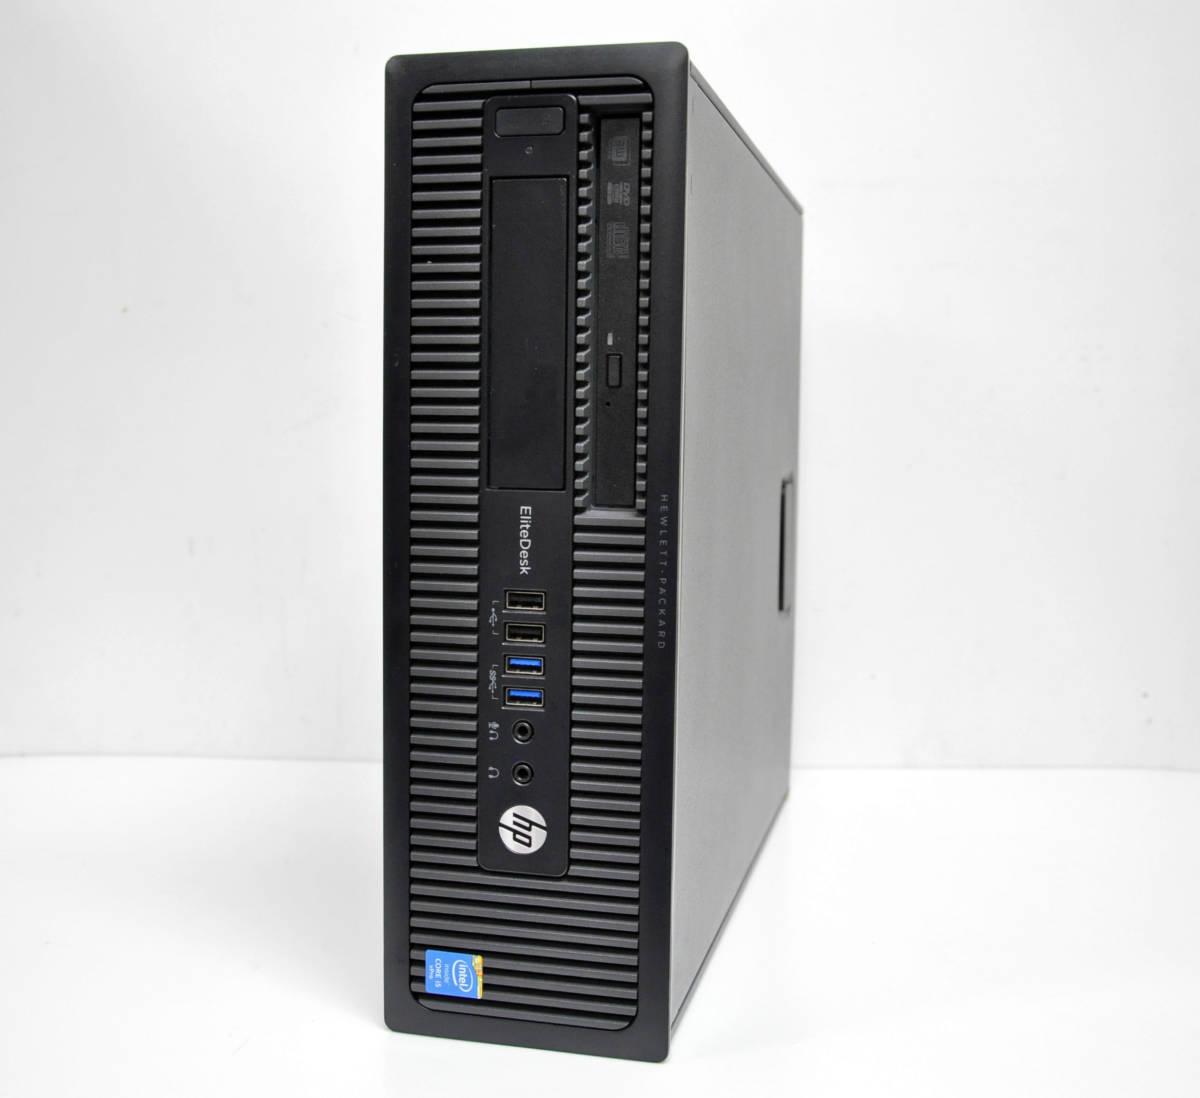 ★ HP EliteDesk 800G1SFF 高性能 Corei5-4590 3.3GHz / メモリ8GB / 新品SSD240GB / Radeon HD7570 / Win10 64BIT PRO_画像1